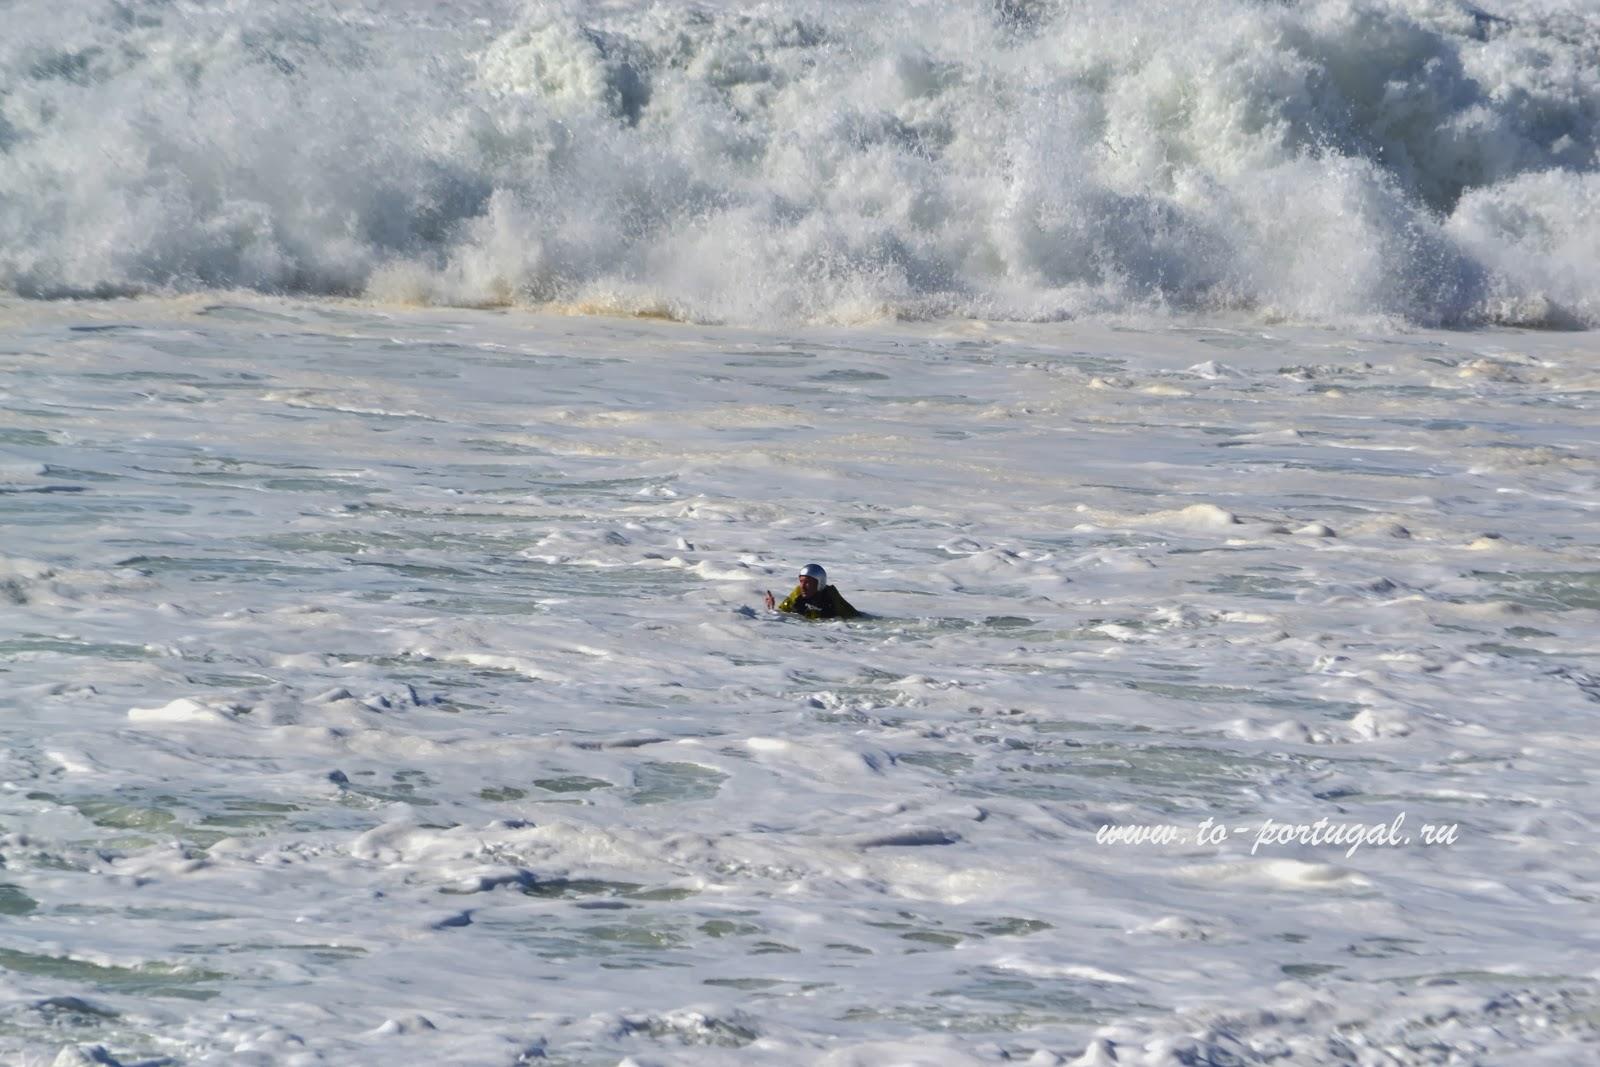 серфинг на больших волнах